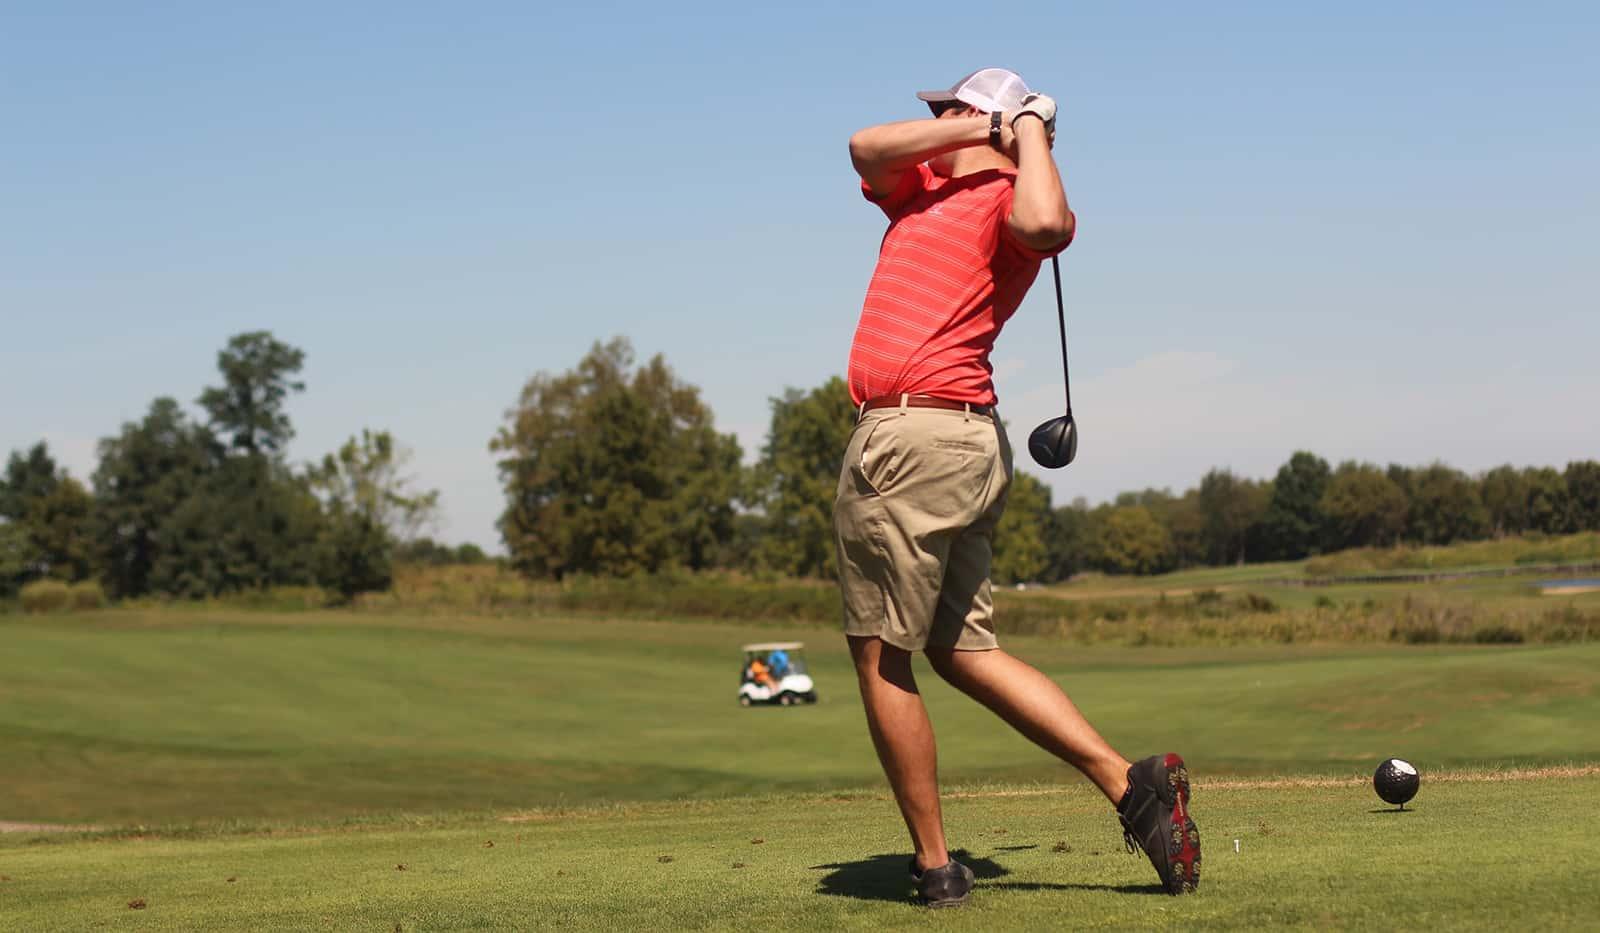 Man auf dem Golfplatz Abschlag